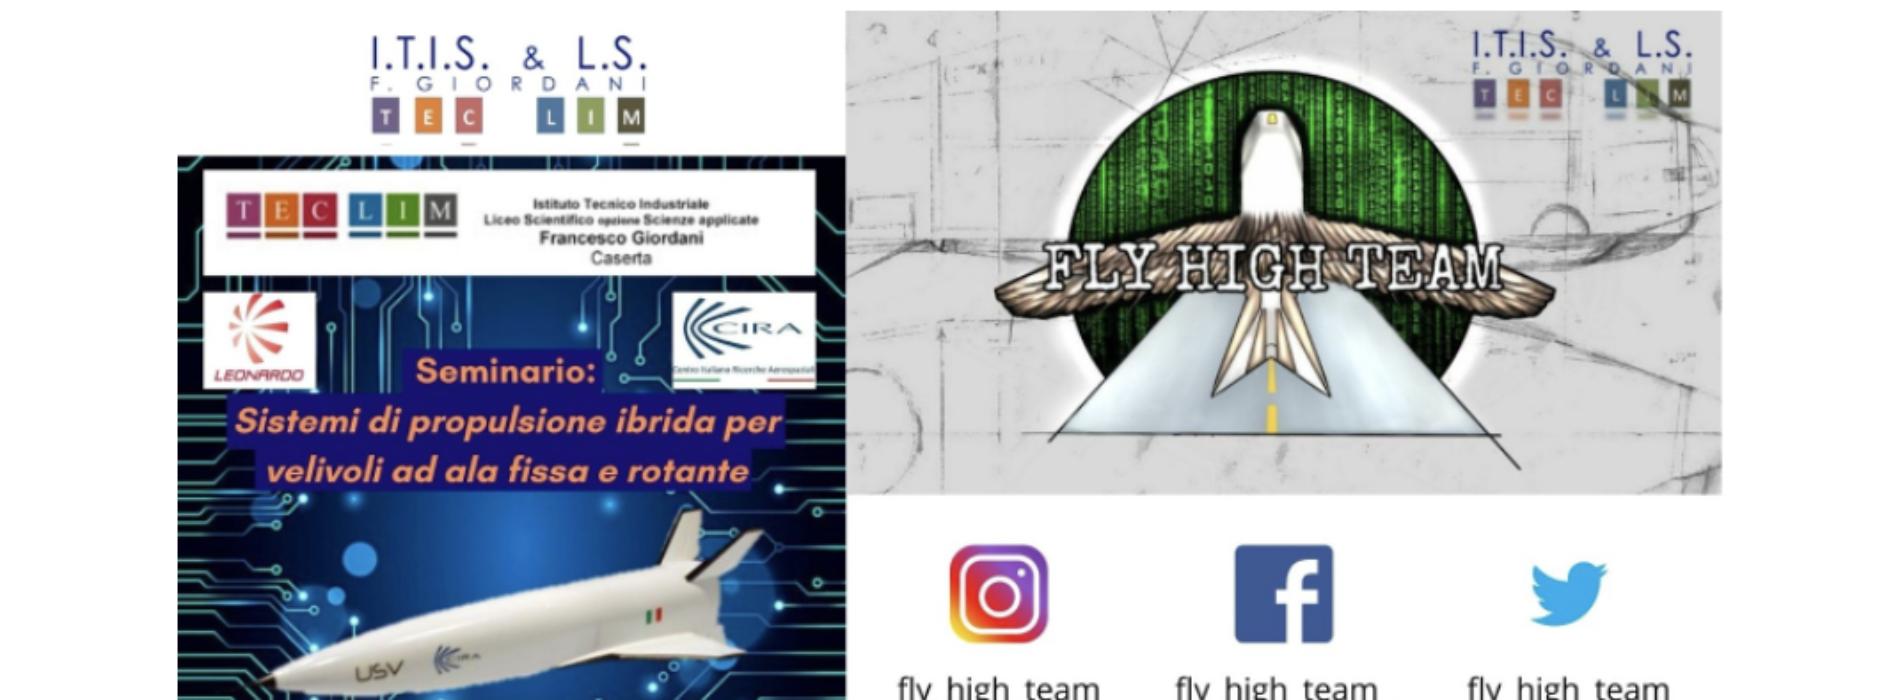 Caserta. L'Istituto Giordani vola alto con il Fly High Team